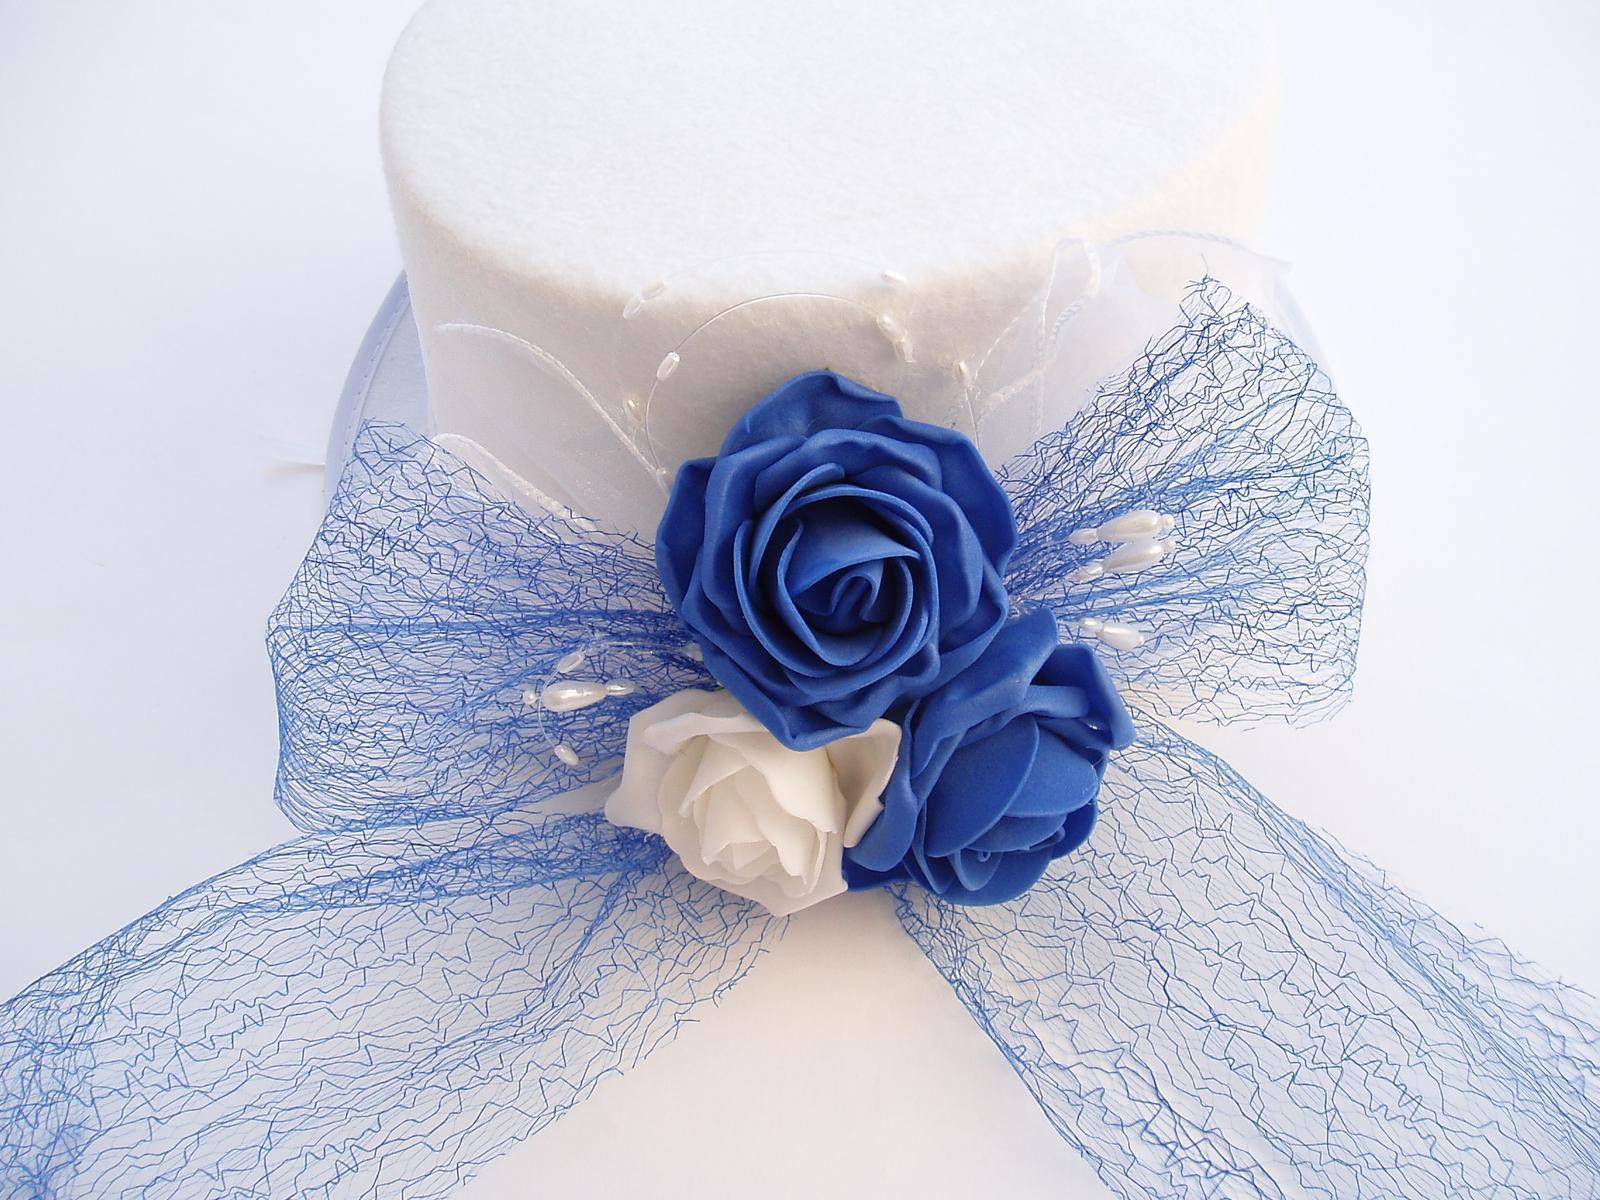 cylindr bílý-modré růže - Obrázek č. 1